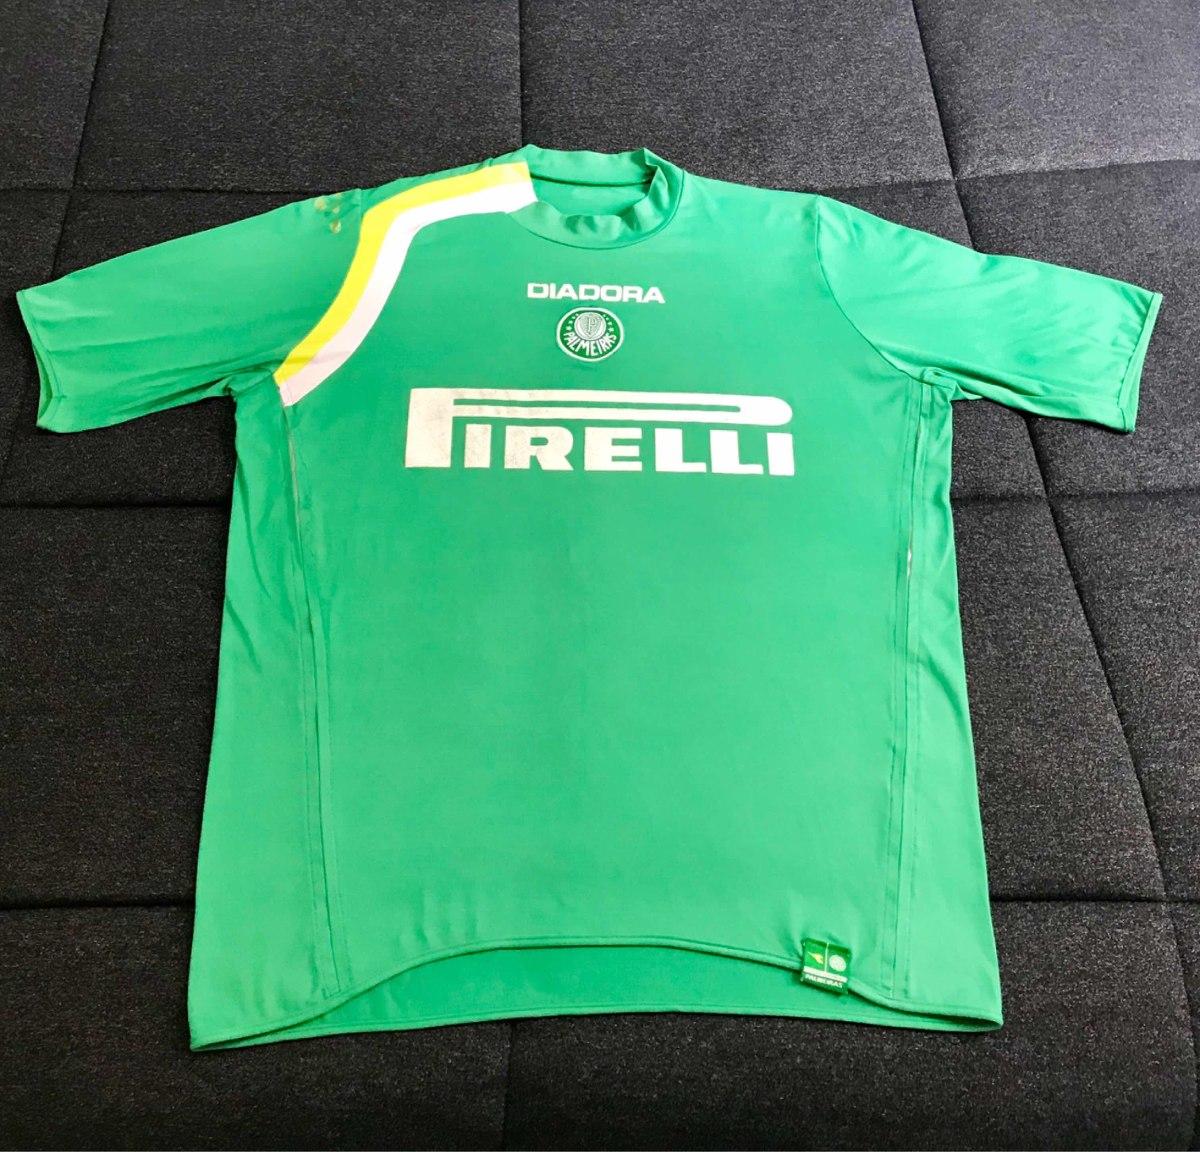 camisa palmeiras diadora 2004 pirelli original. Carregando zoom. b7b54f55a6abe